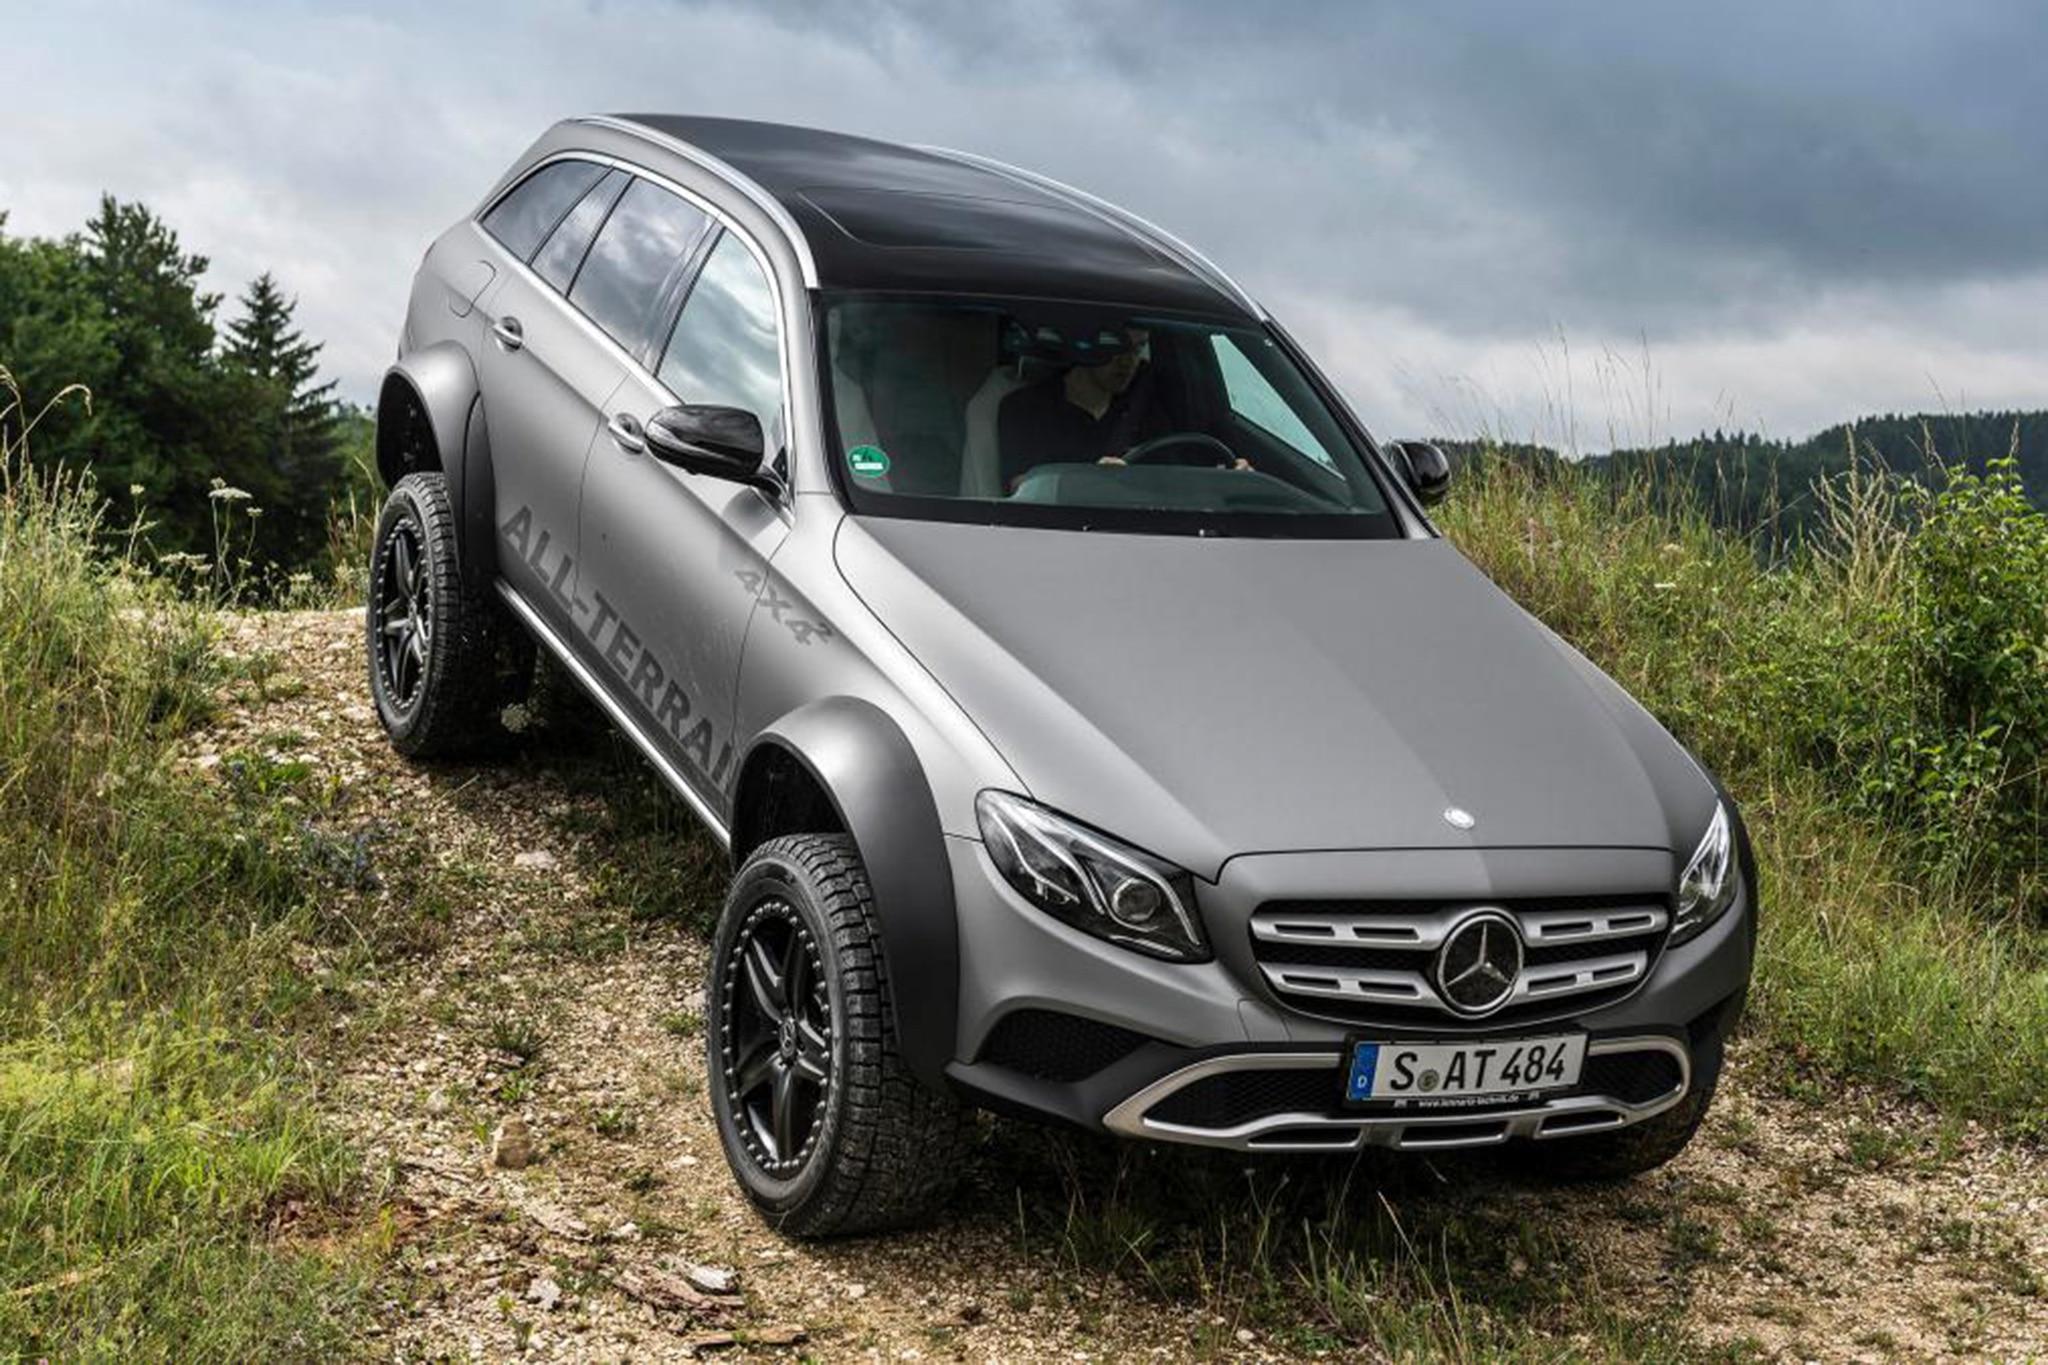 https://st.automobilemag.com/uploads/sites/11/2017/07/Mercedes-Benz-E-Class-All-Terrain-by-Jurgen-Eberle-Down-Hill.jpg